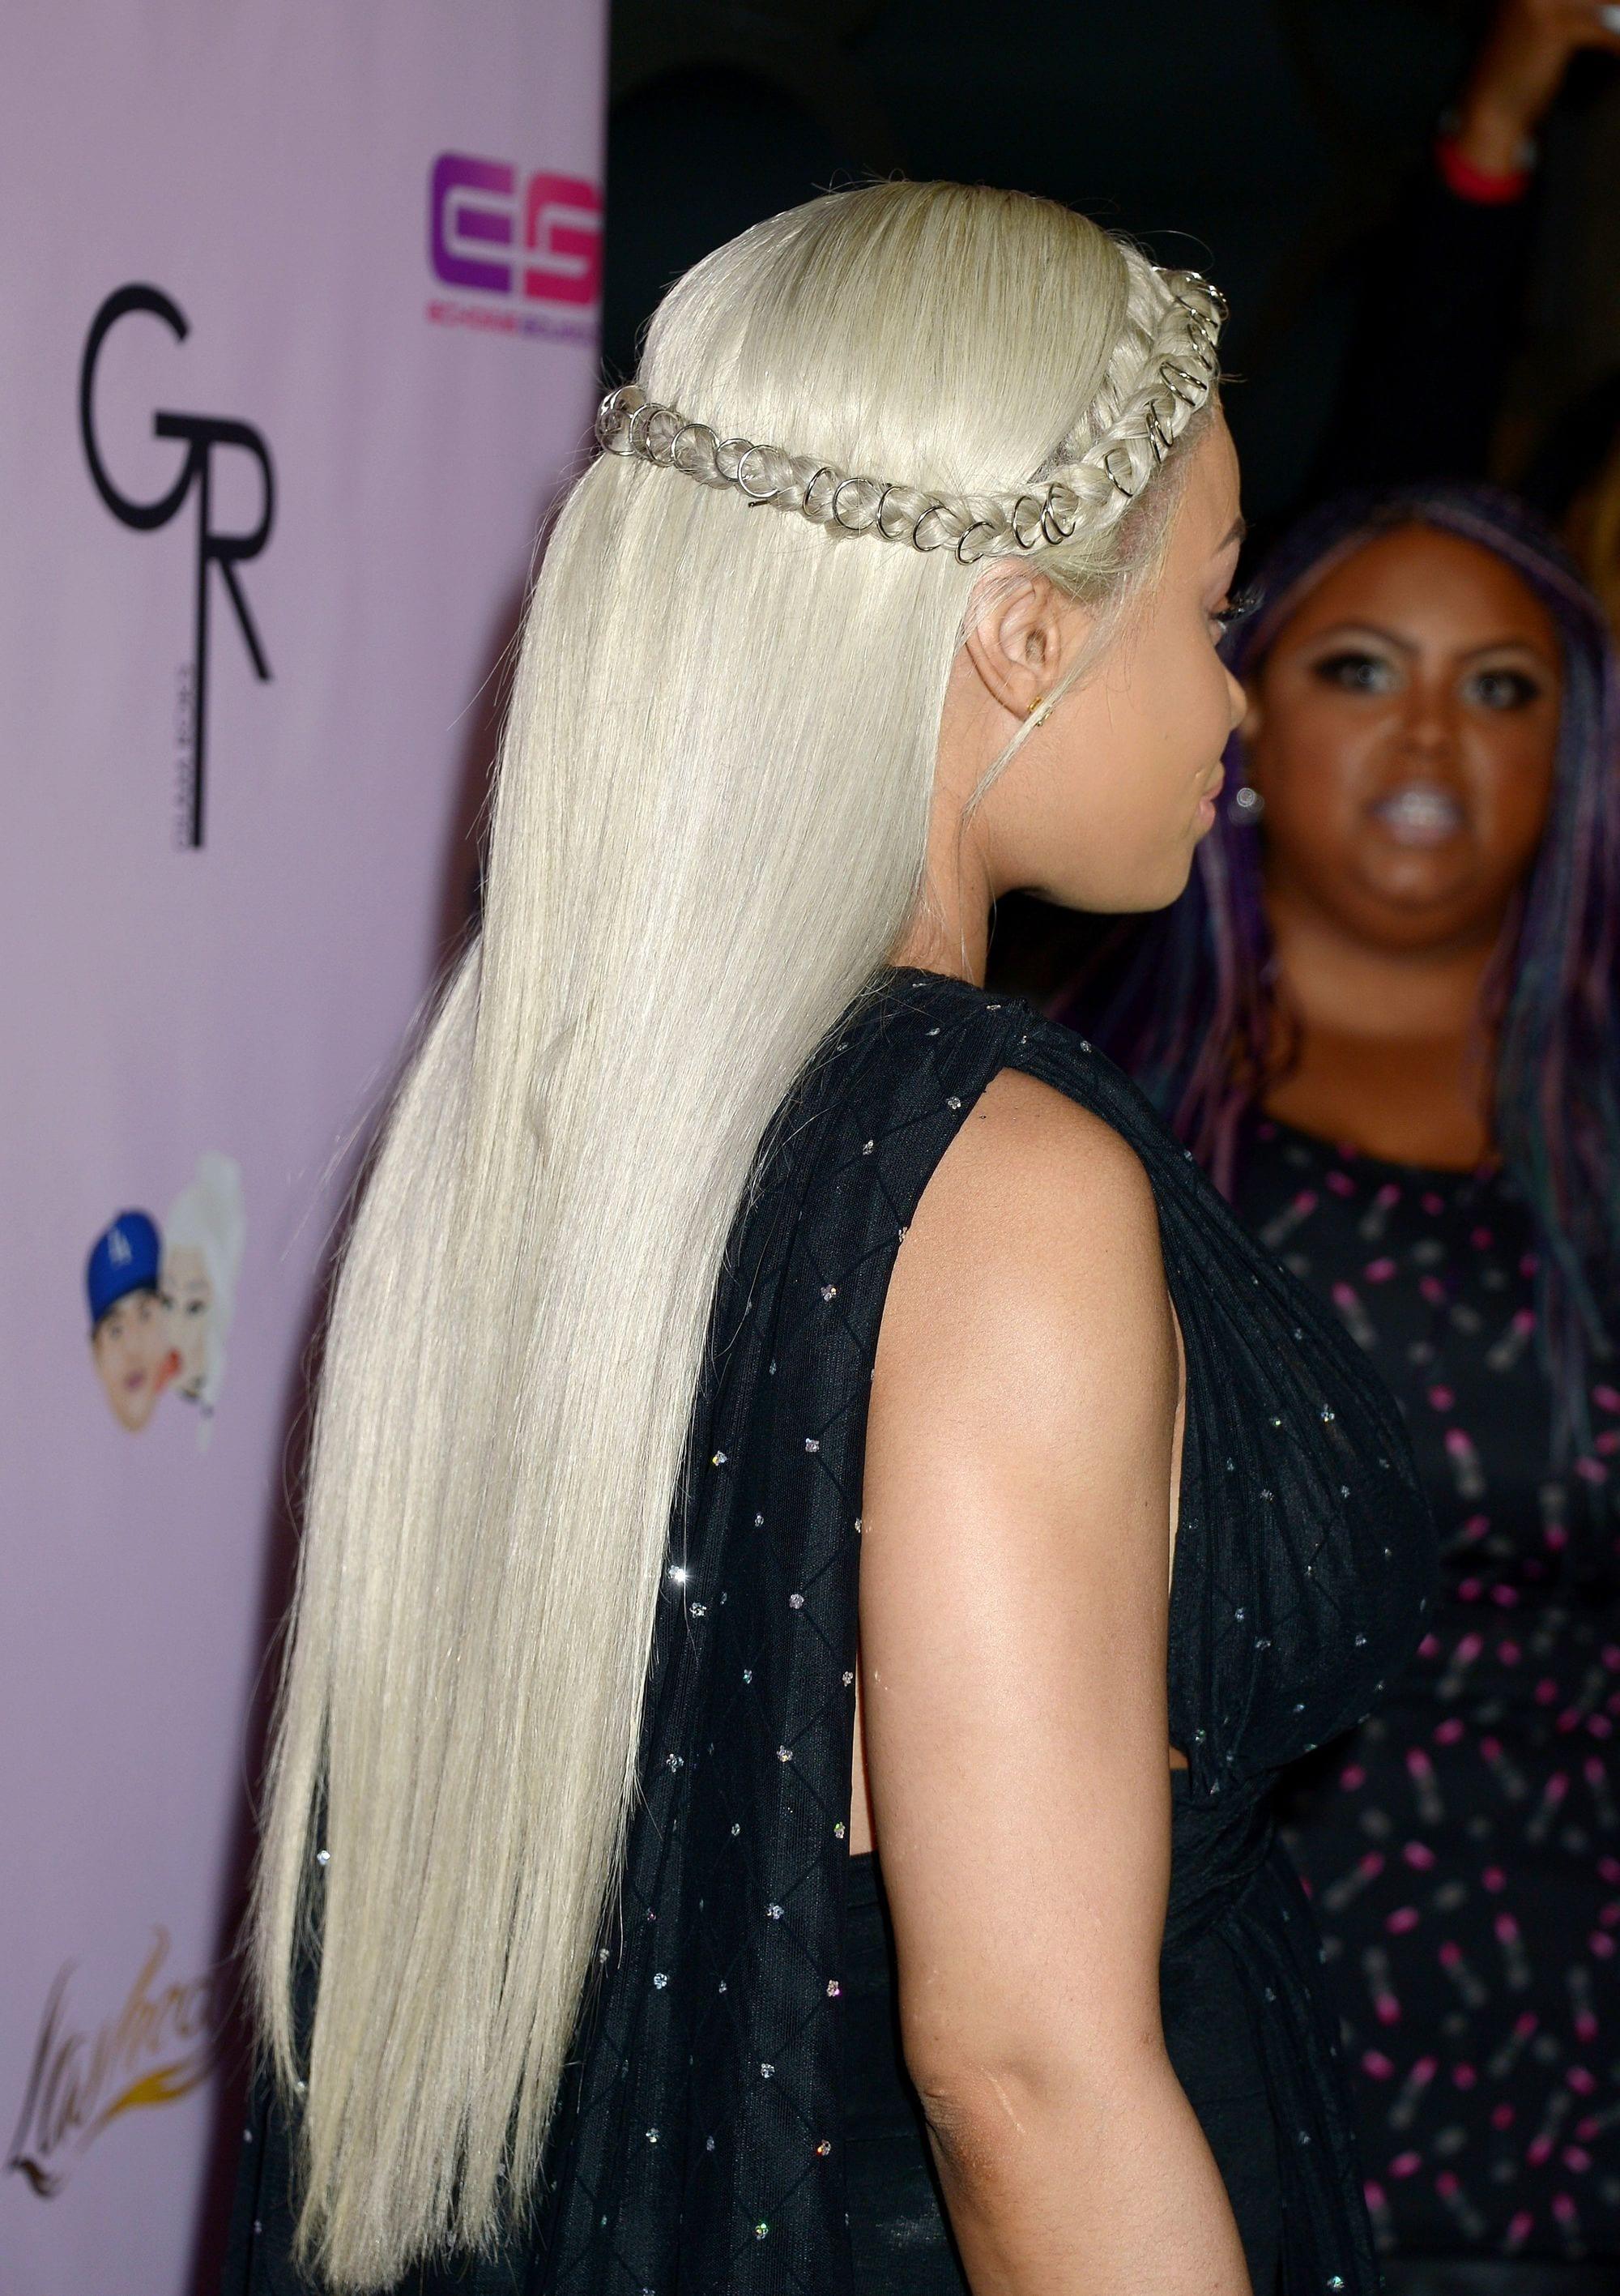 Mujer rubia de cabello platinado ultra lacio, sujeta con una vincha hecha de trenzas